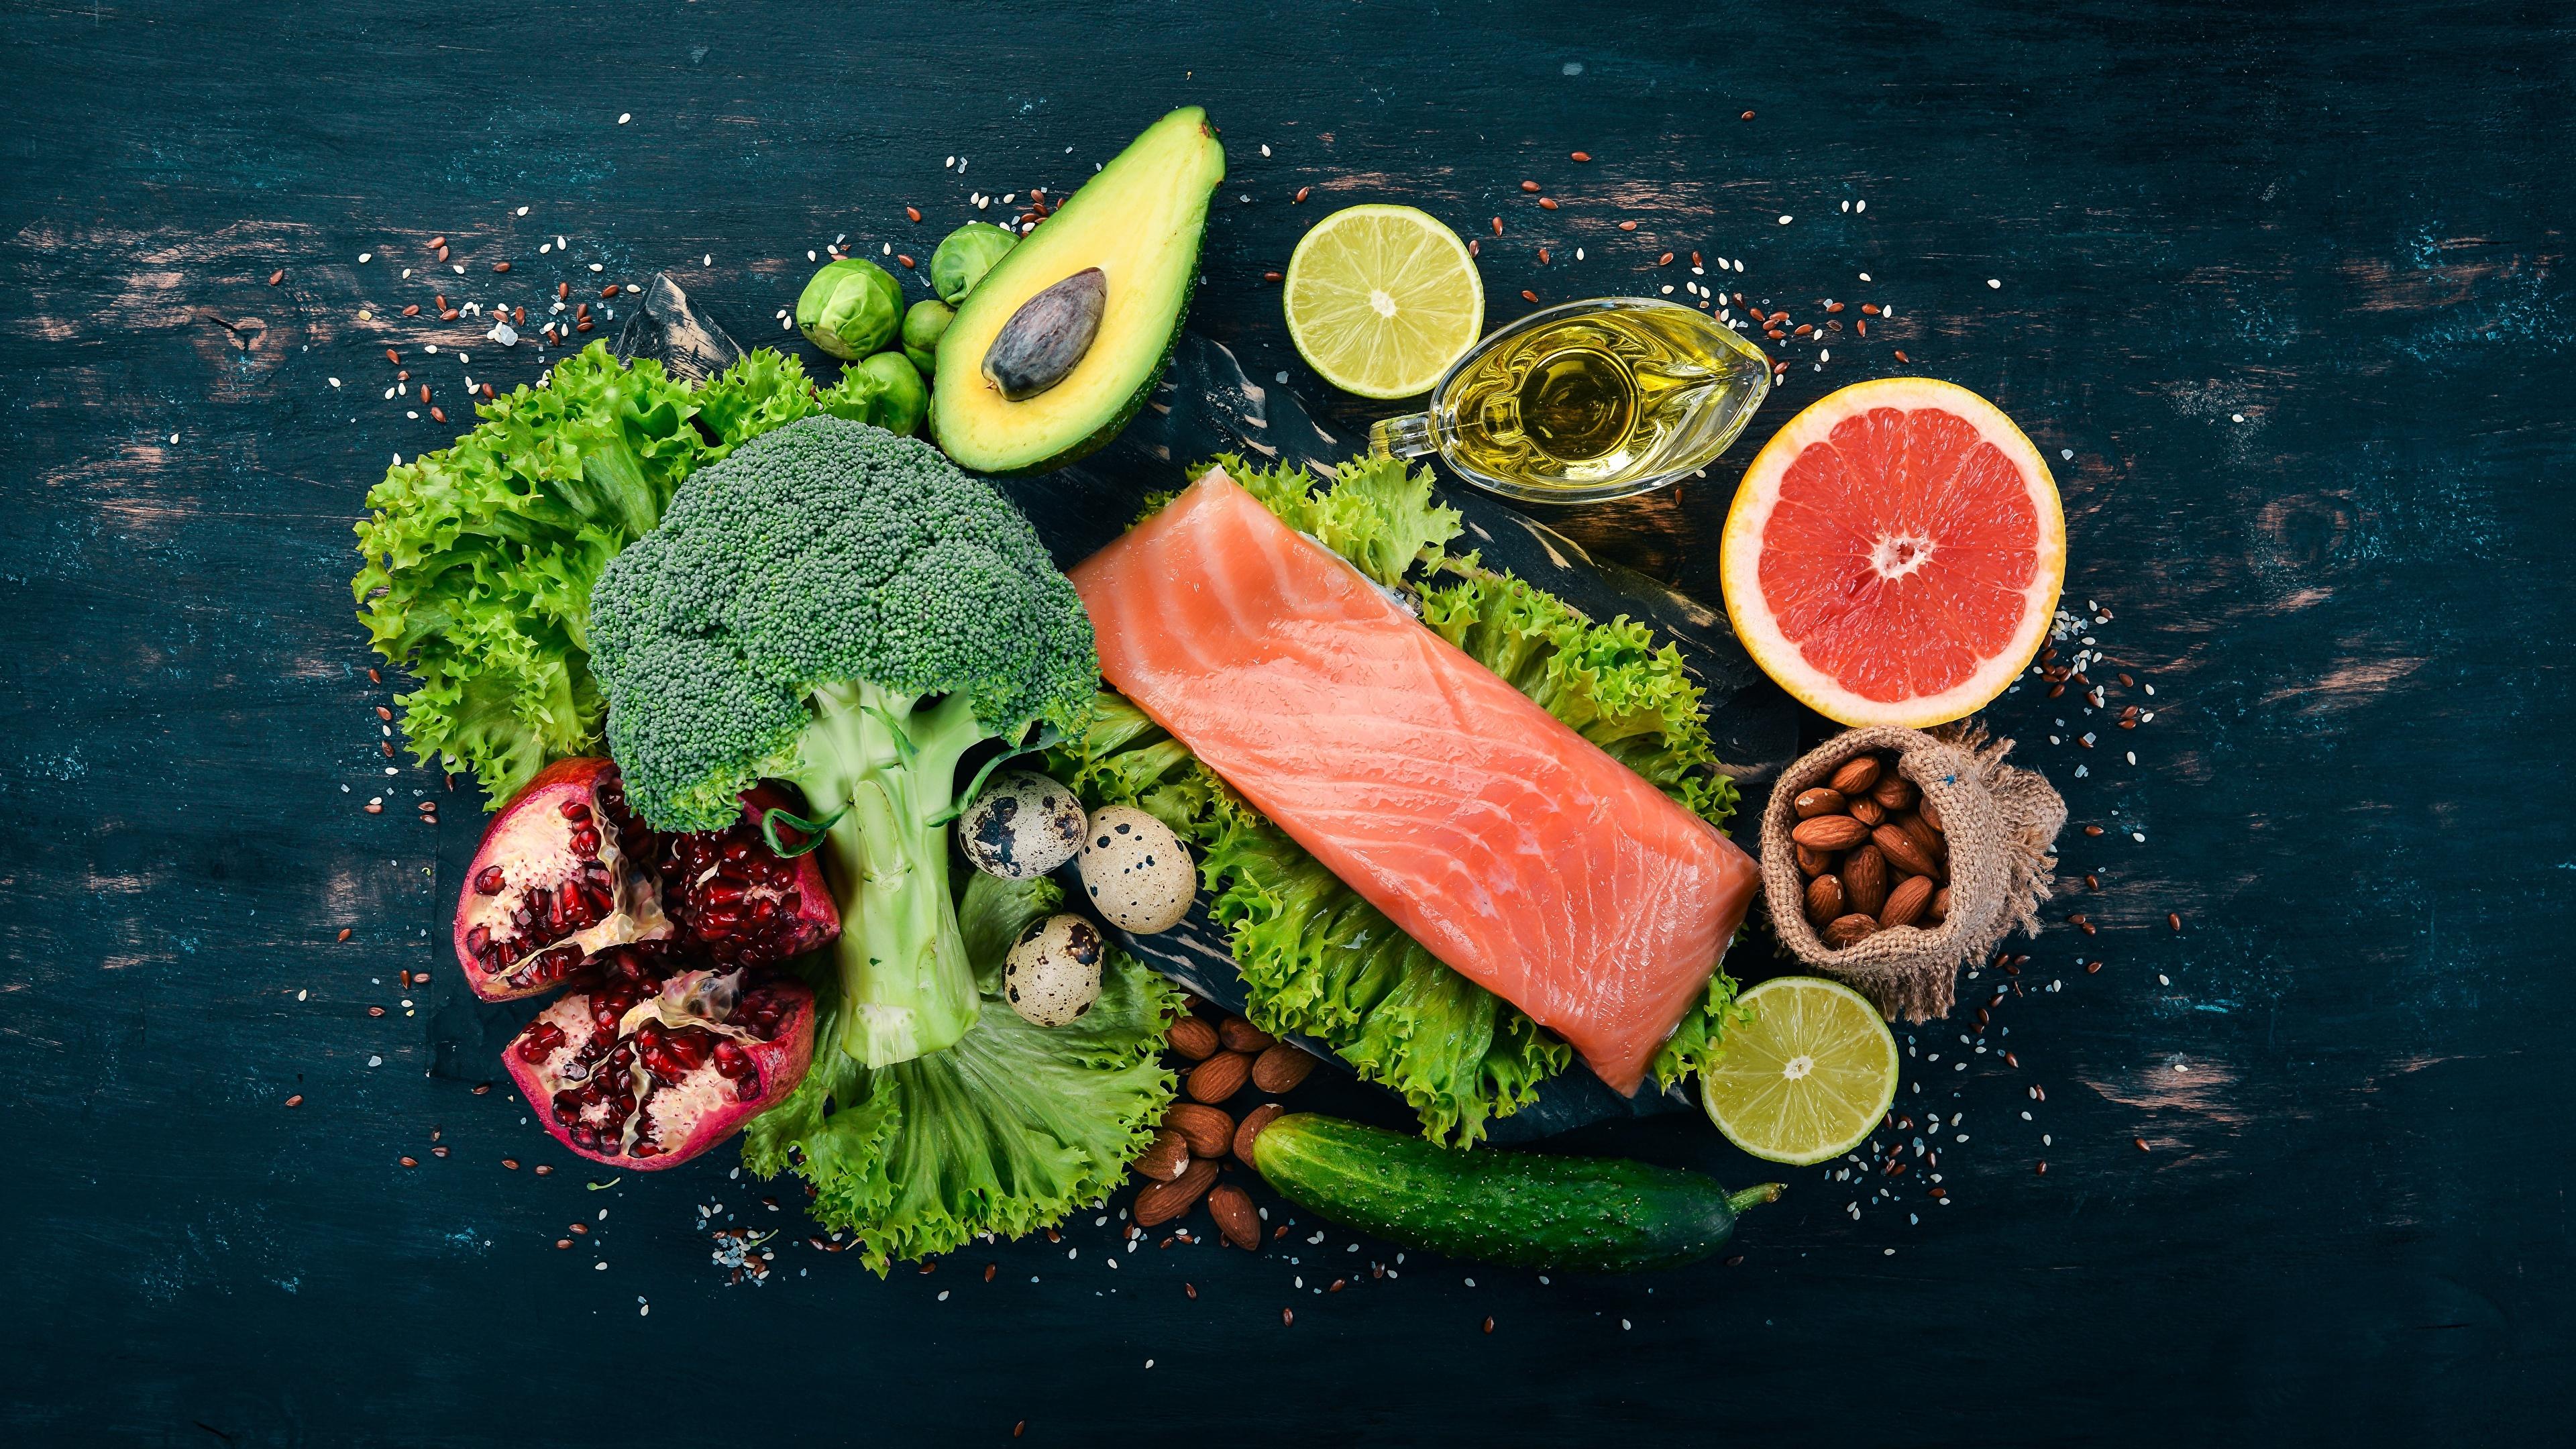 3840x2160 Hortaliça Peixes - Alimentos Salmão comida Alimentos